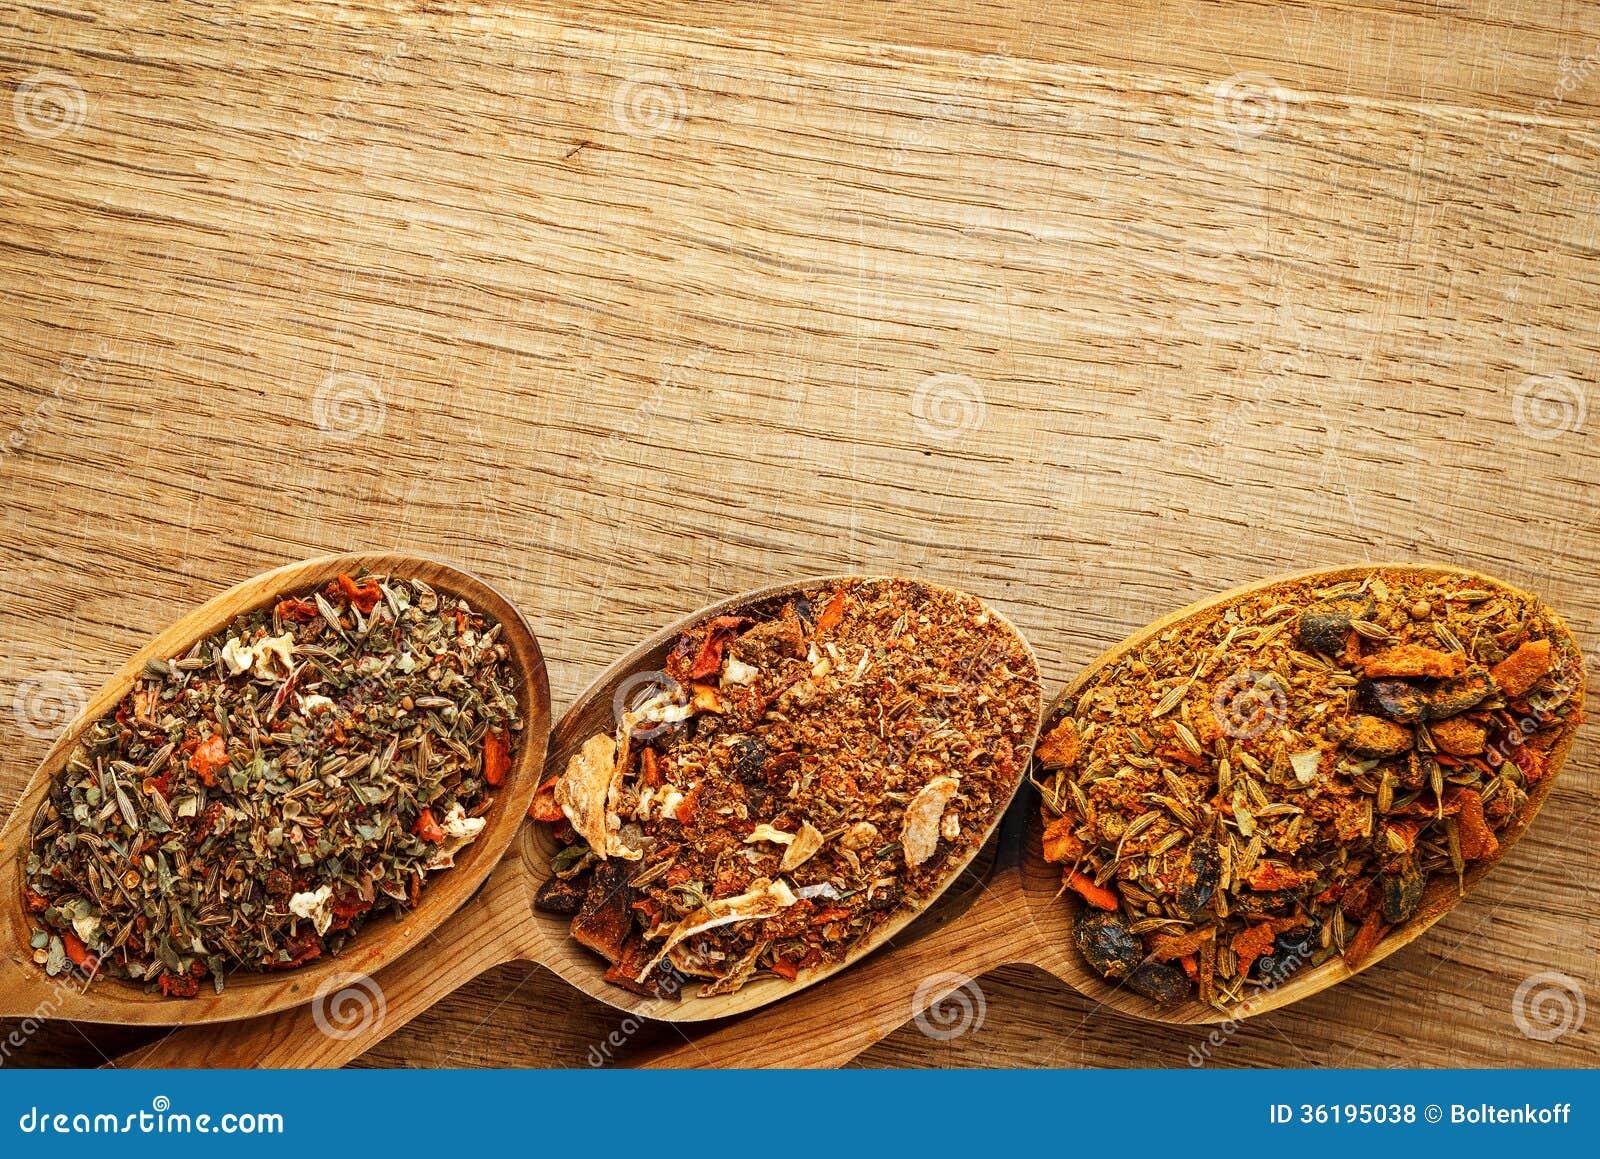 Kryddor i träskedar